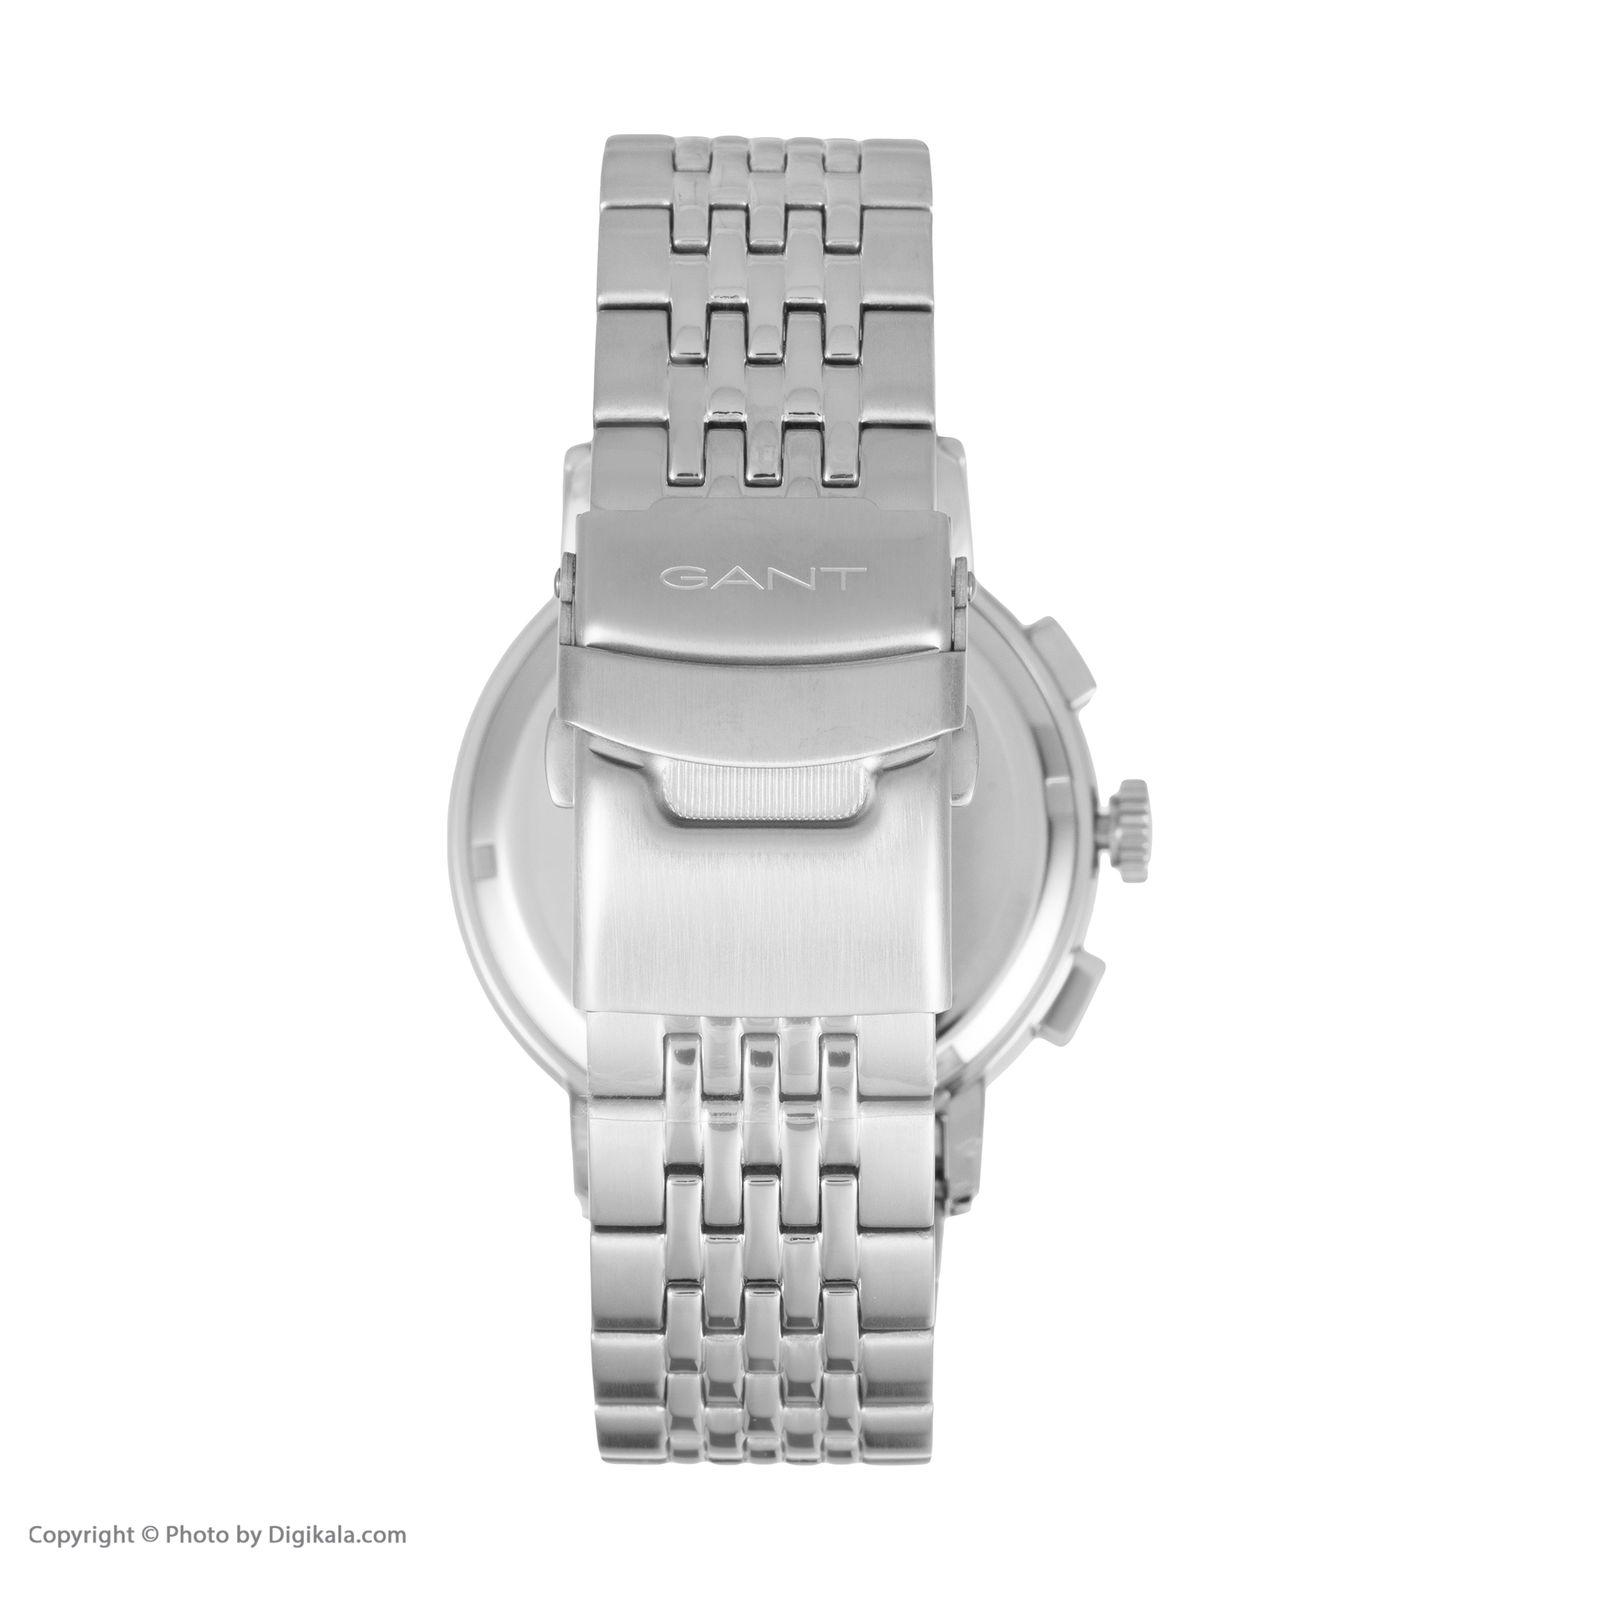 ساعت مچی عقربه ای مردانه گنت مدل GWW079004 -  - 5